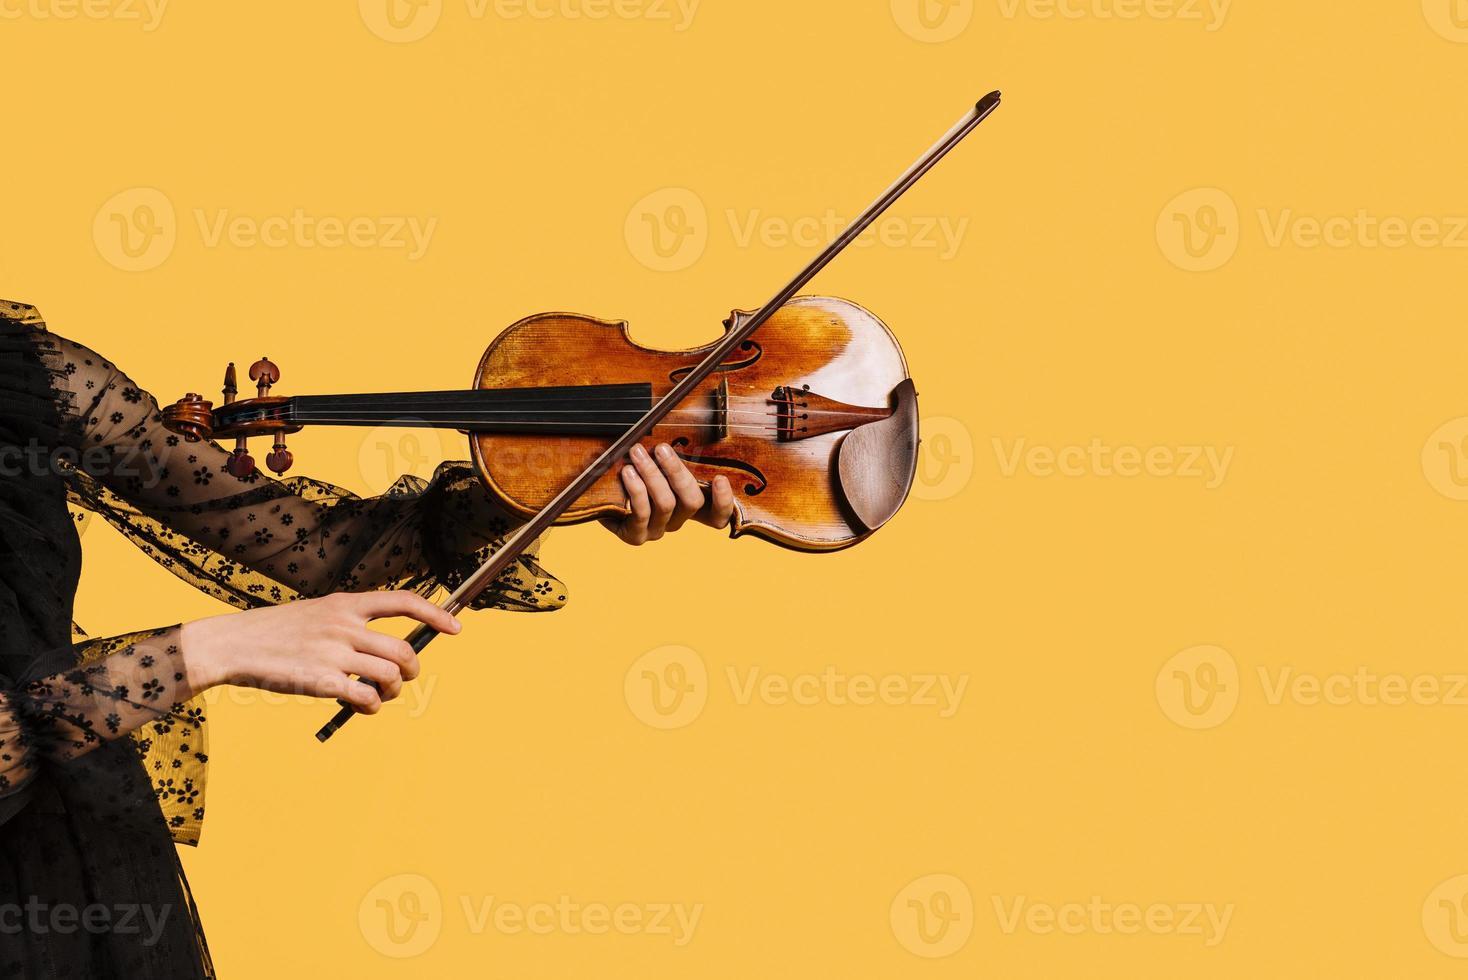 meisje viool spelen op gele achtergrond foto